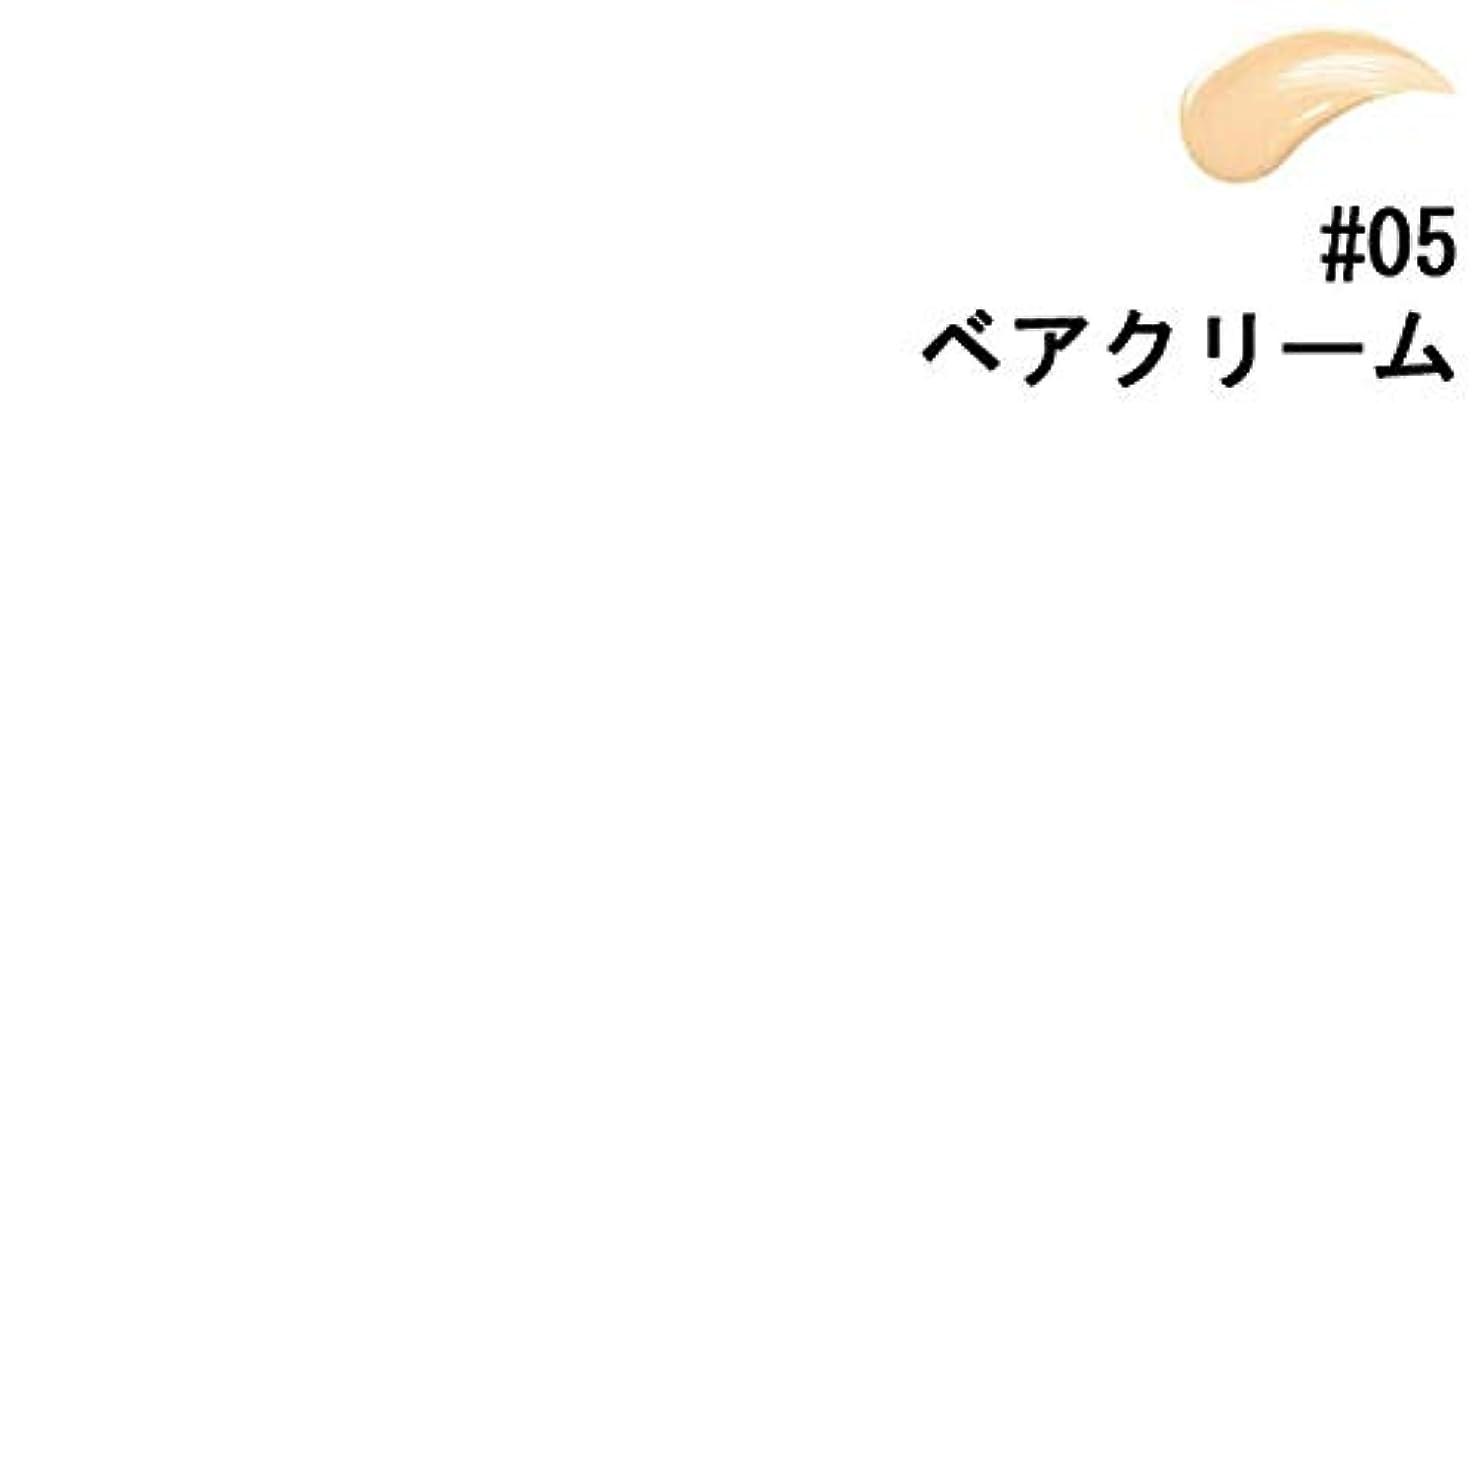 クレーターピッチャーポーチ【ベアミネラル】ベアミネラル ベア ファンデーション #05 ベアクリーム 30ml [並行輸入品]